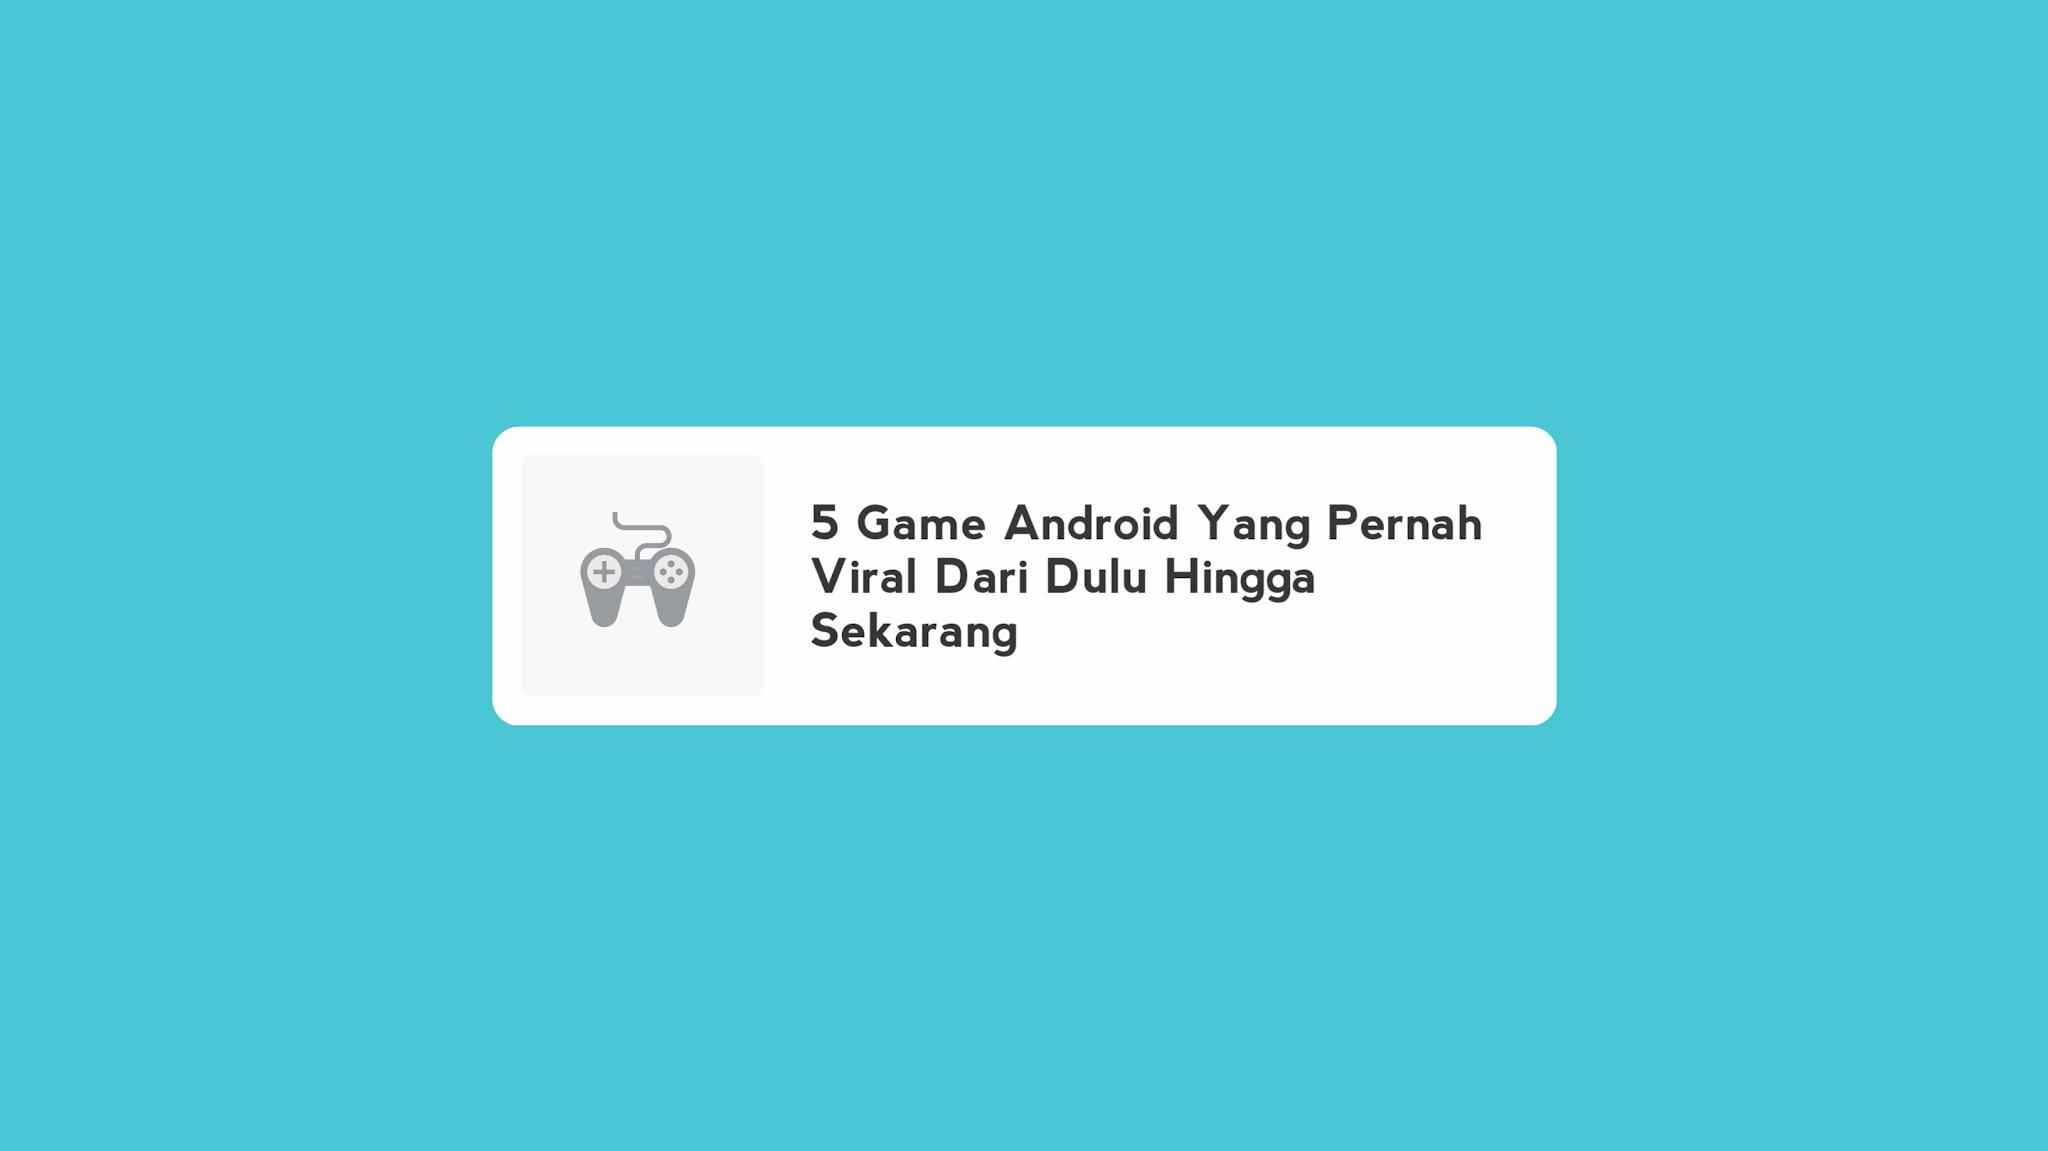 5 Game Android Yang Pernah Viral Dari Dulu Hingga Sekarang